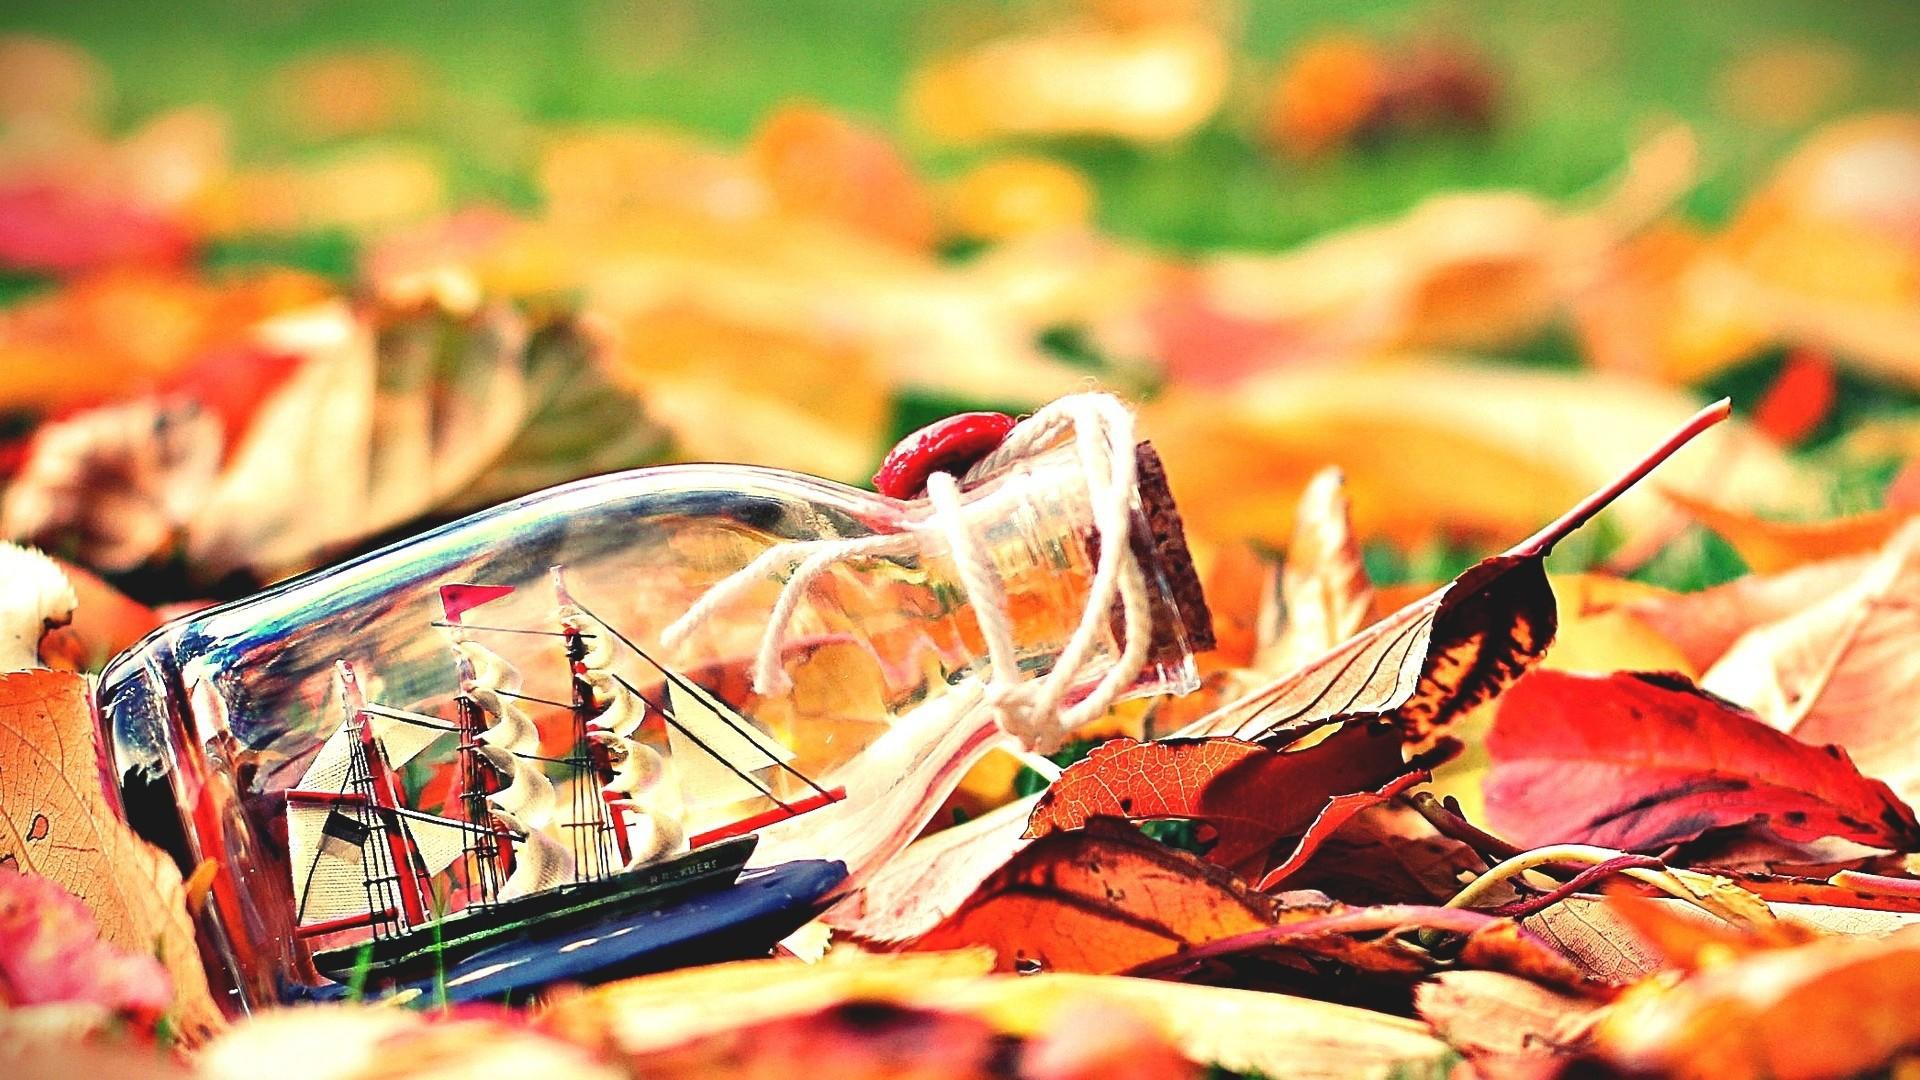 Картинка: Бутылка, кораблик, паруса, мачта, листья, осень